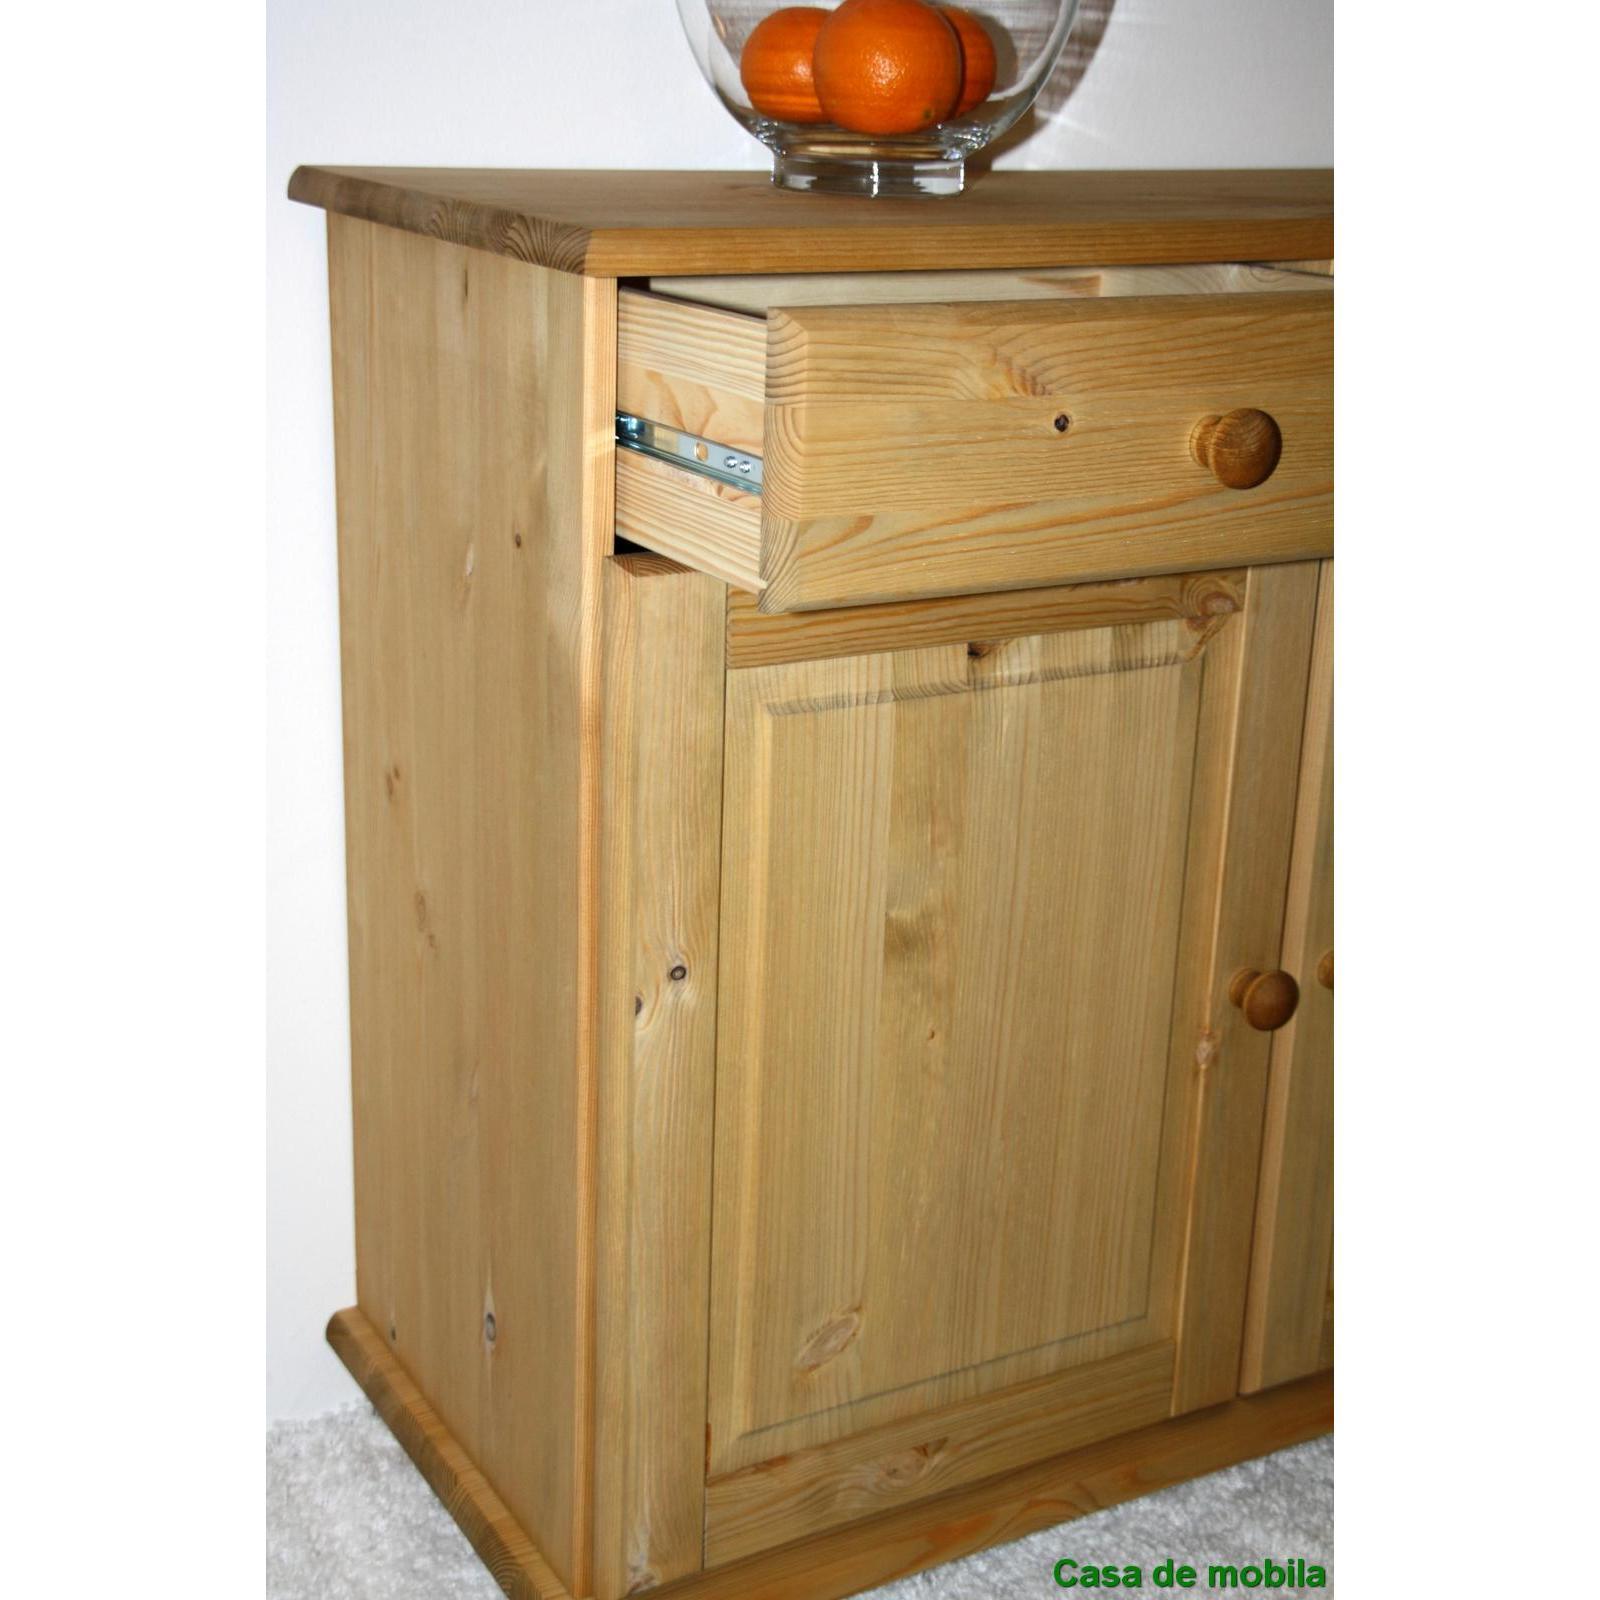 massivholz kommode kiefer massiv natur gelaugt ge lt goslar pictures to pin on pinterest. Black Bedroom Furniture Sets. Home Design Ideas